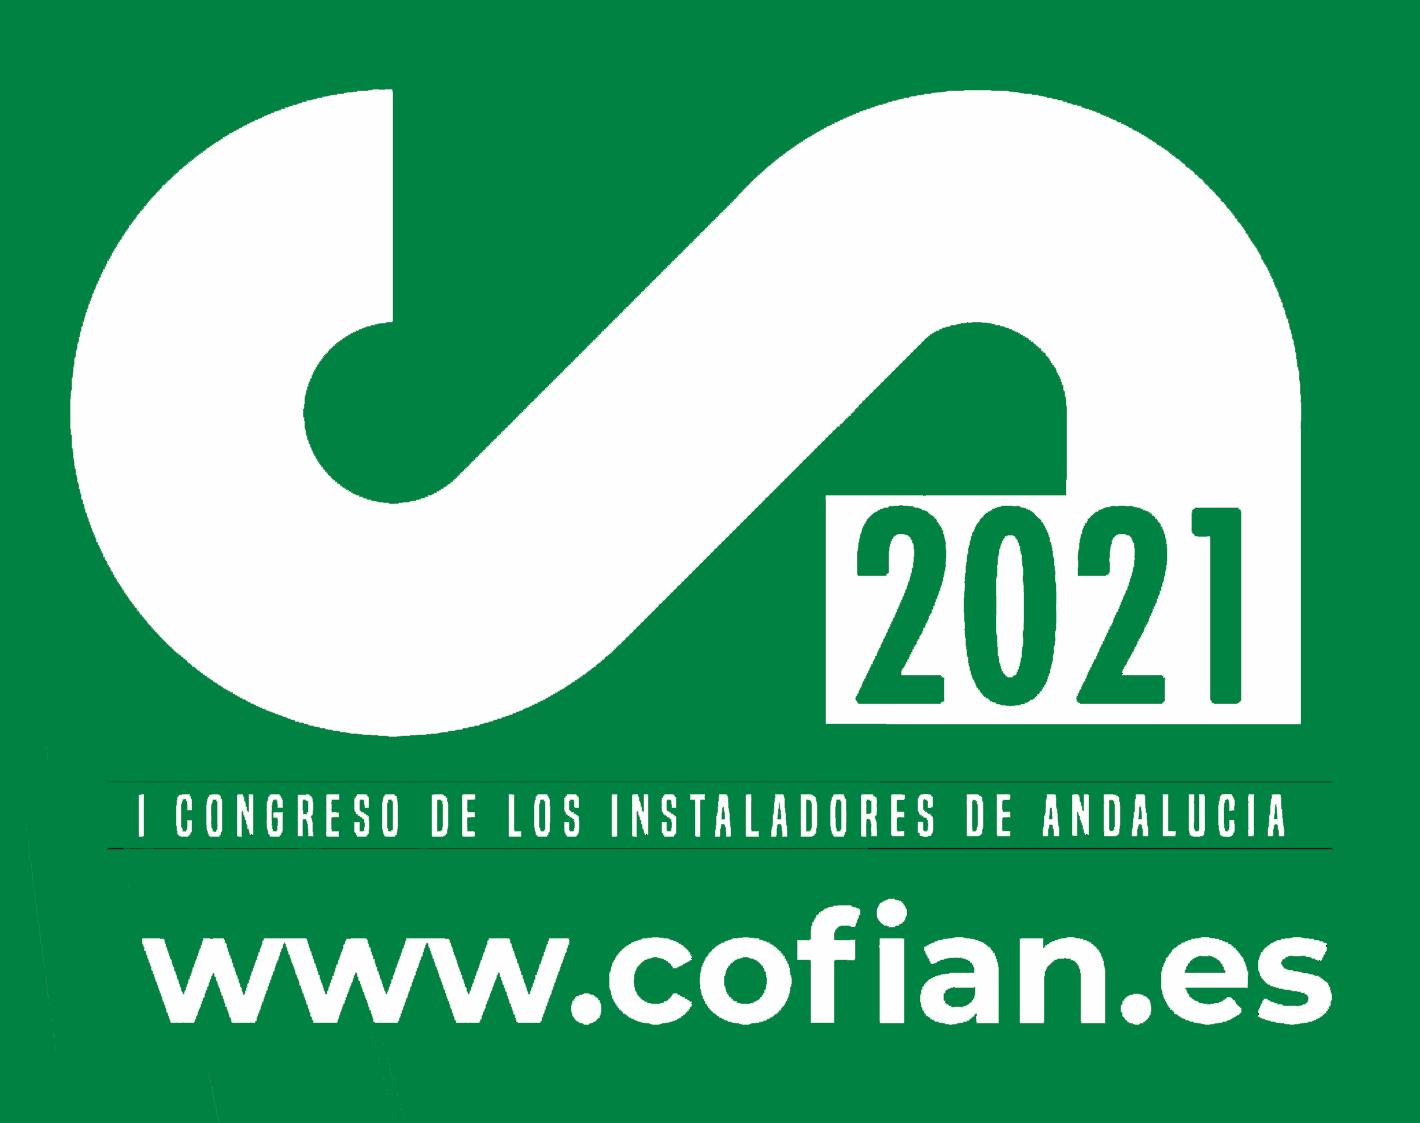 Fadia celebrará el primer congreso y feria de los instaladores de Andalucía, COFIAN